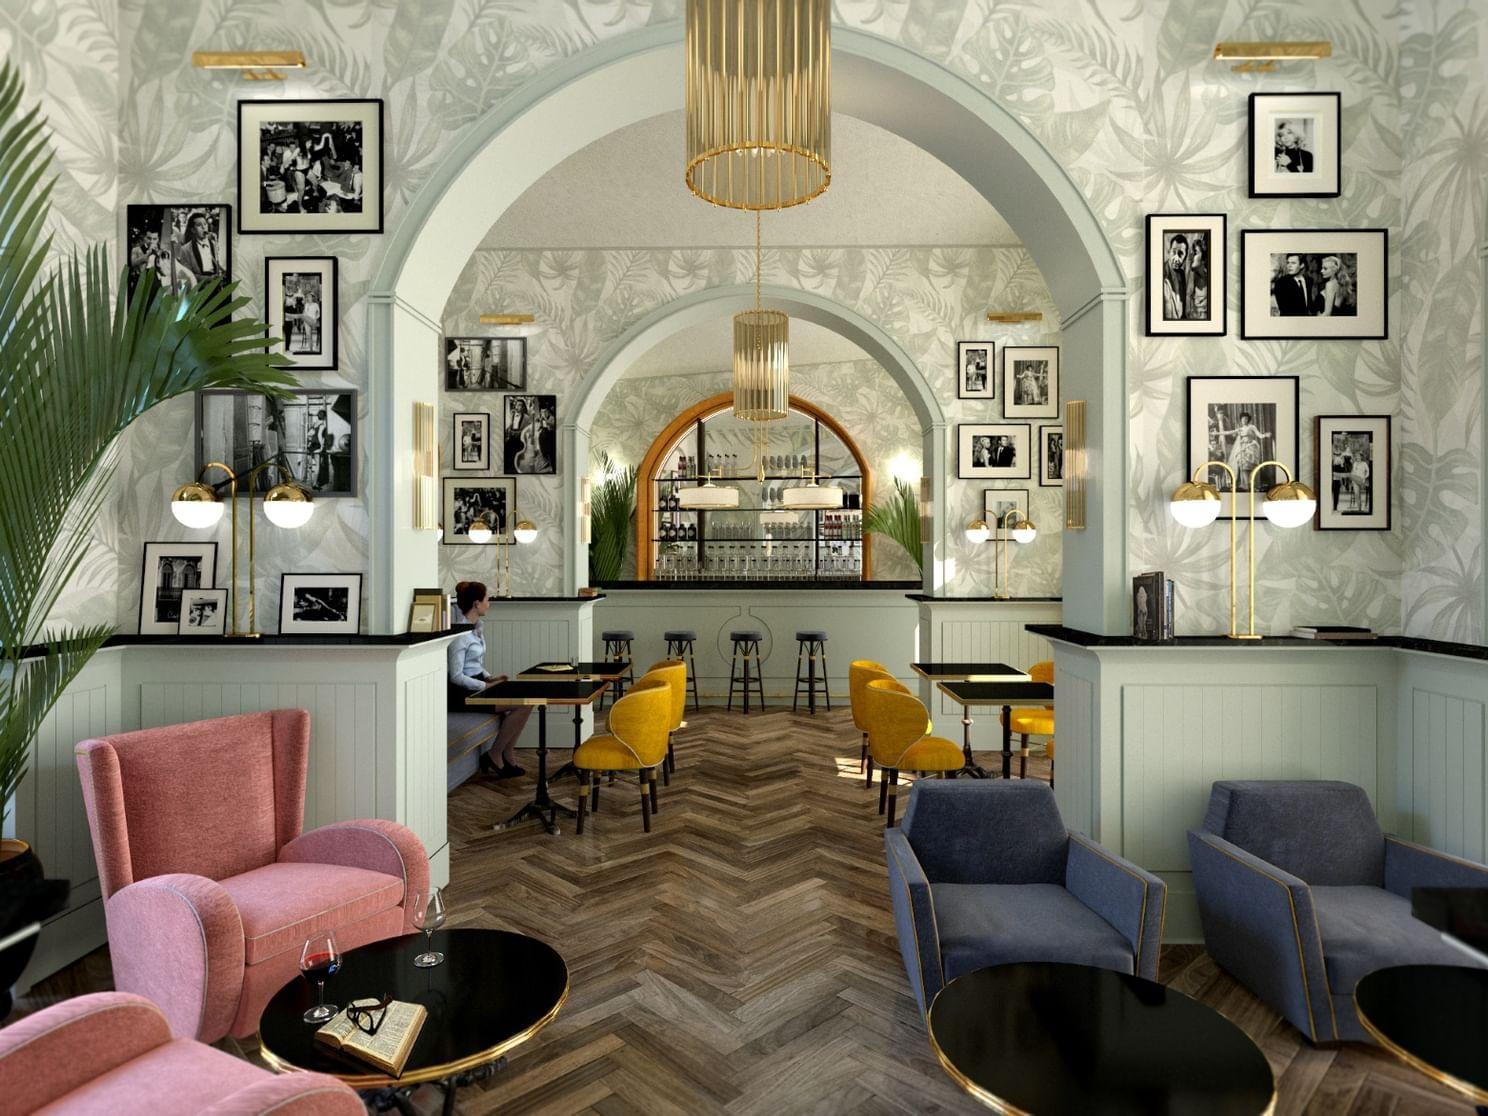 Hotel Bar in Trastevere Rome